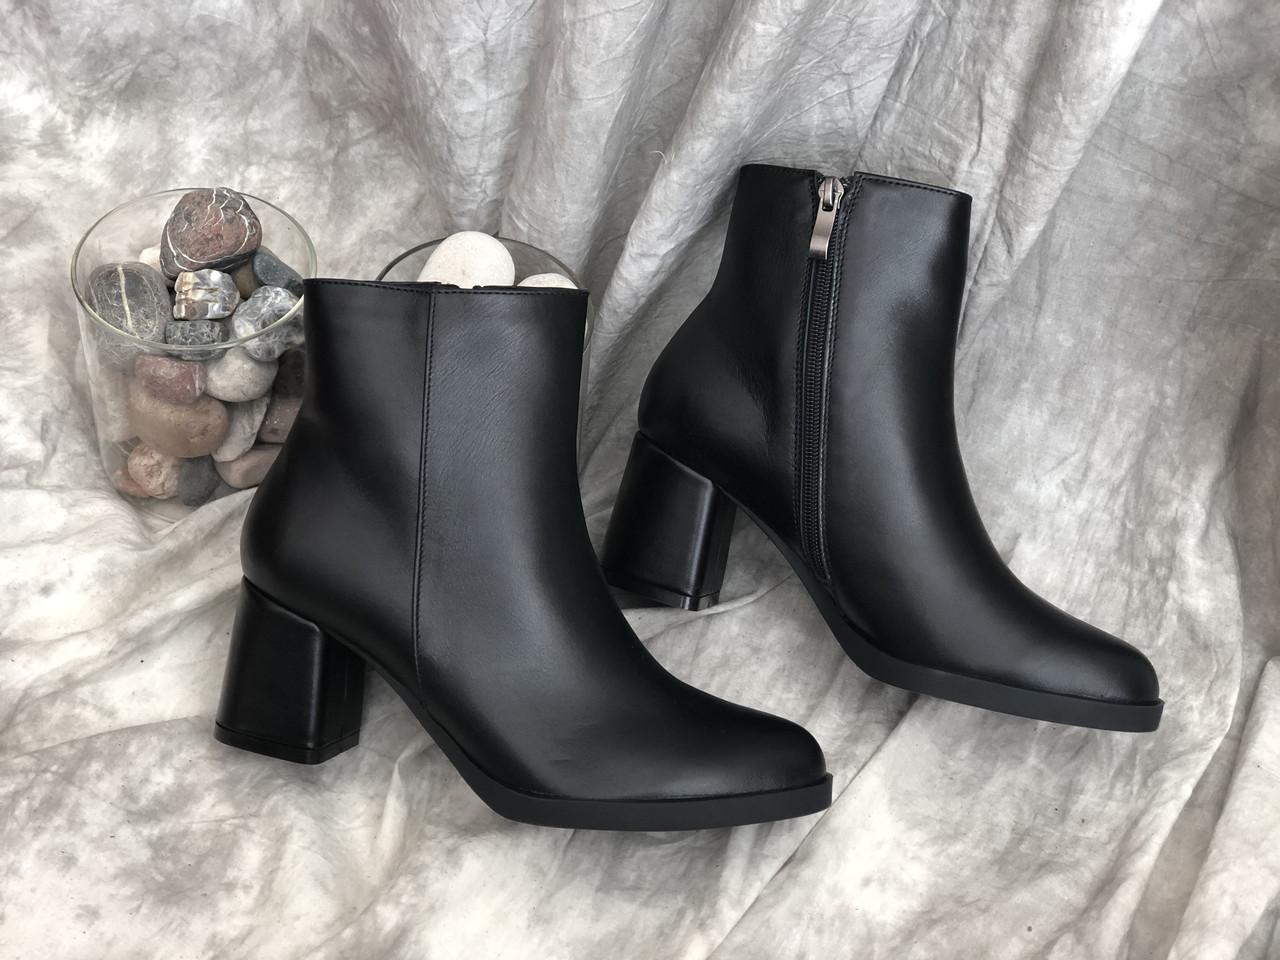 Демисезонная женская обувь из натуральной кожи 3577 ч/к размеры 37,38,39,40,41